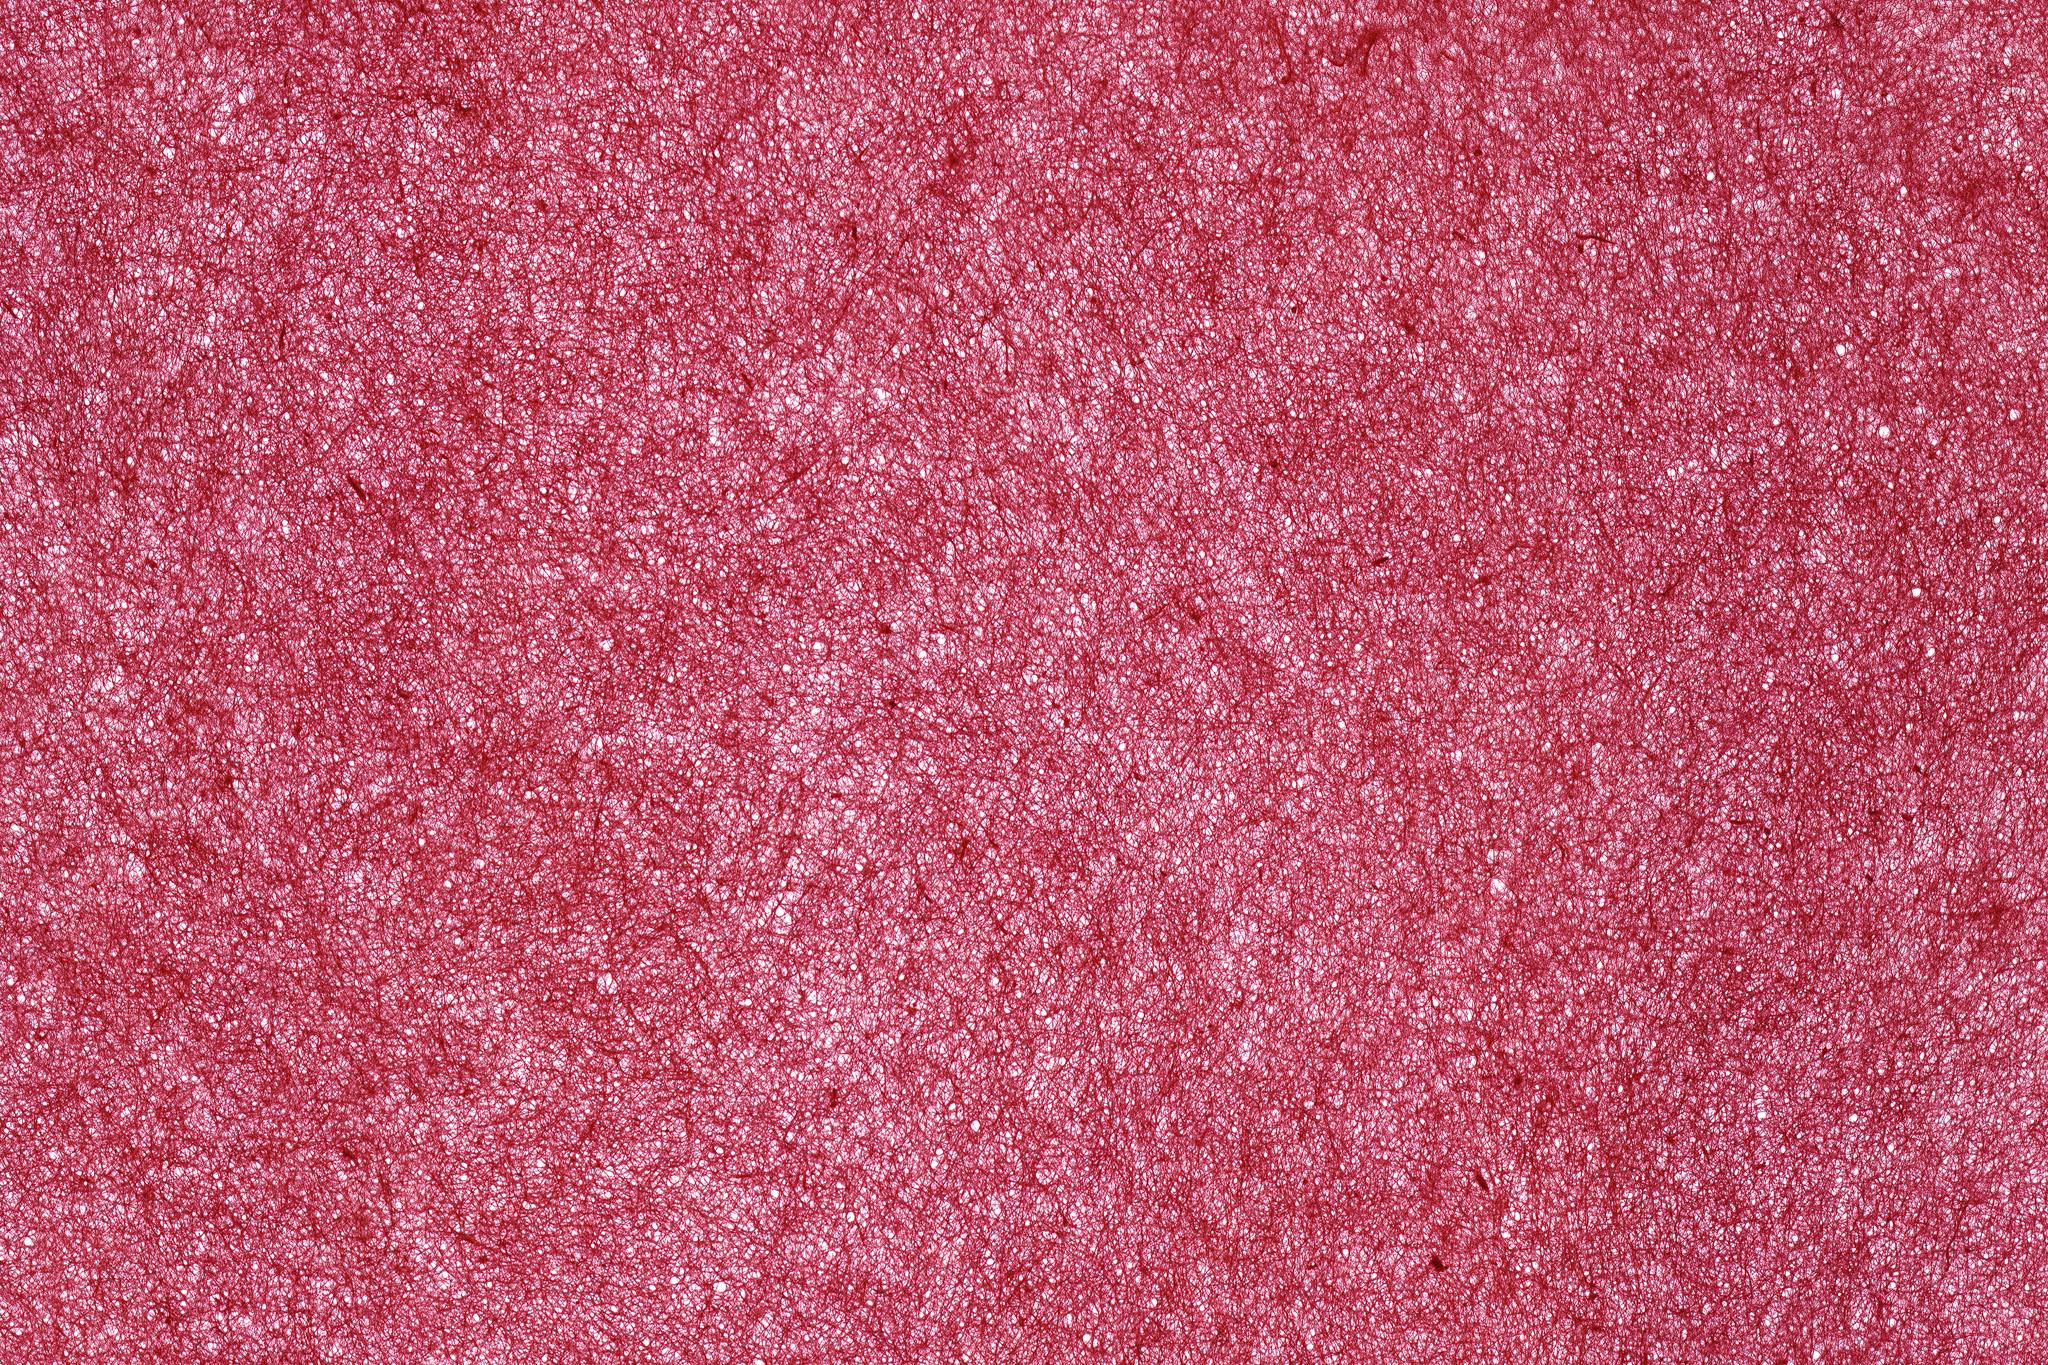 「赤色の極薄和紙」の画像を無料ダウンロード